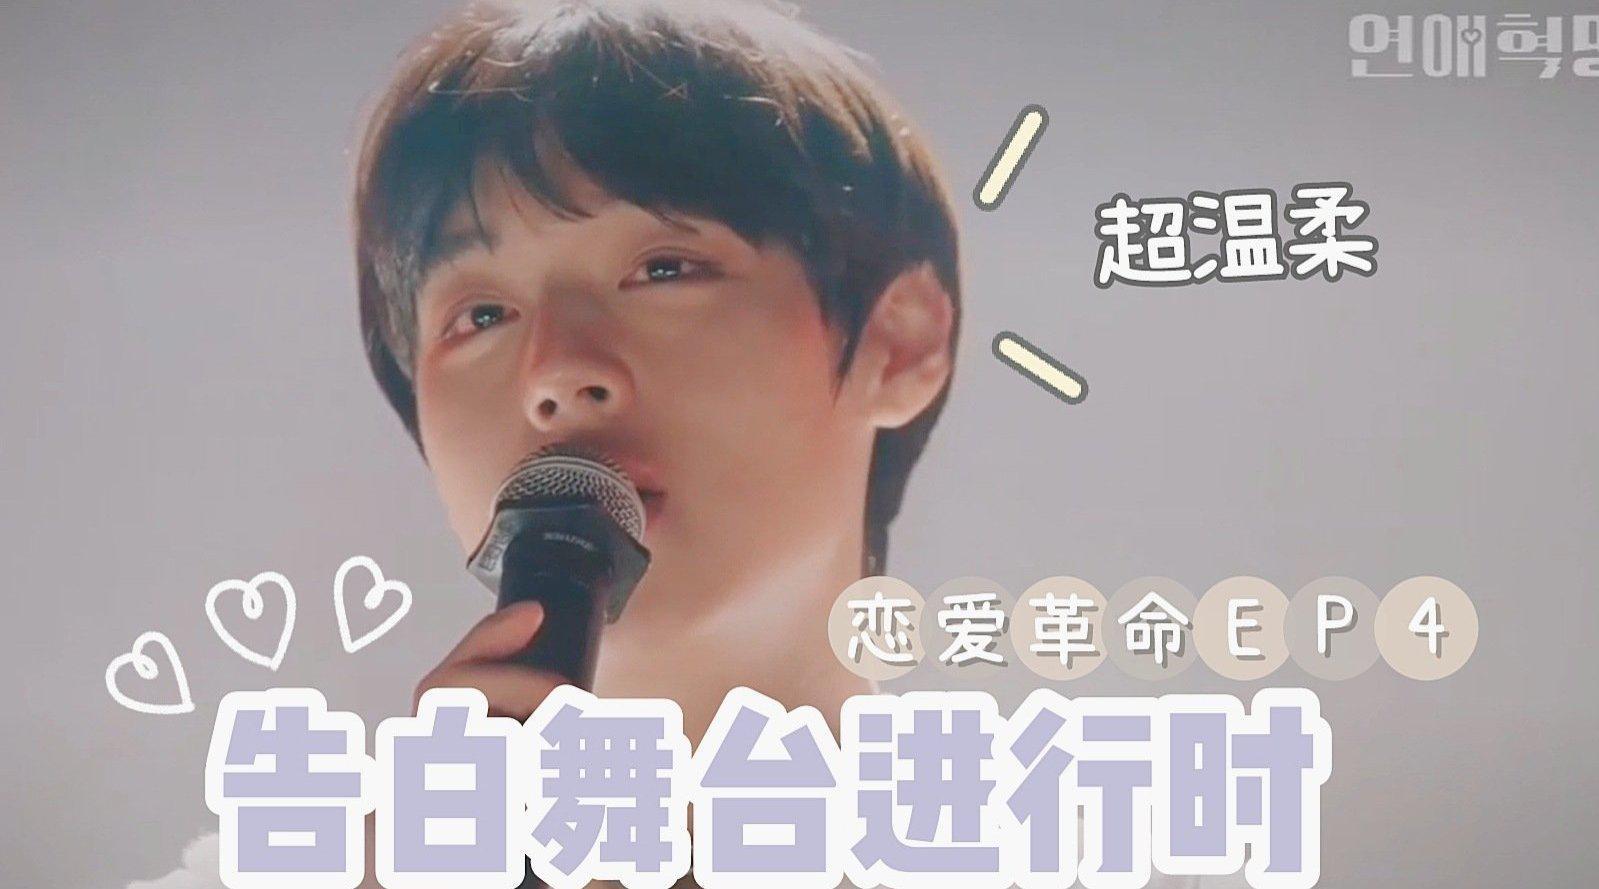 韩国网剧 ‖ 恋爱革命 EP4 中字